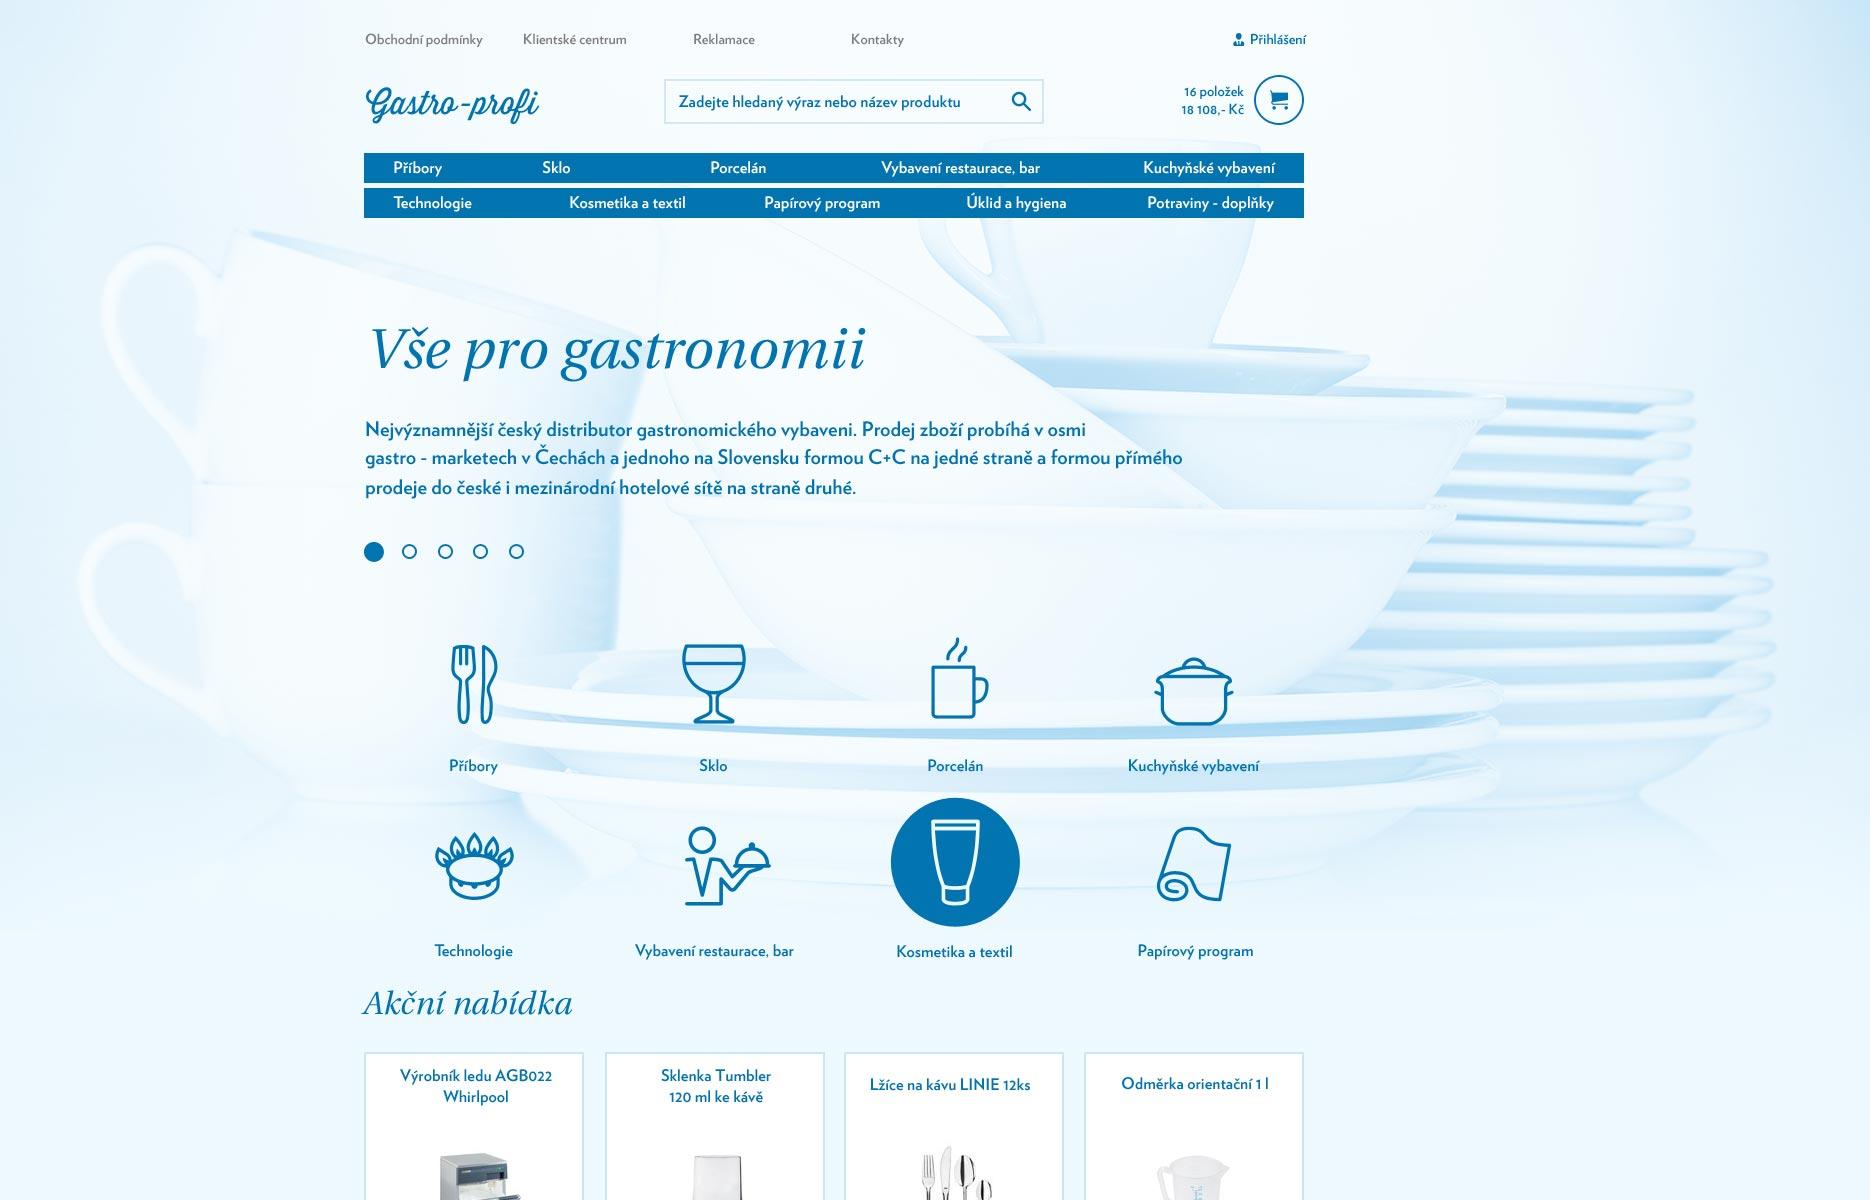 GASTRO-PROFI